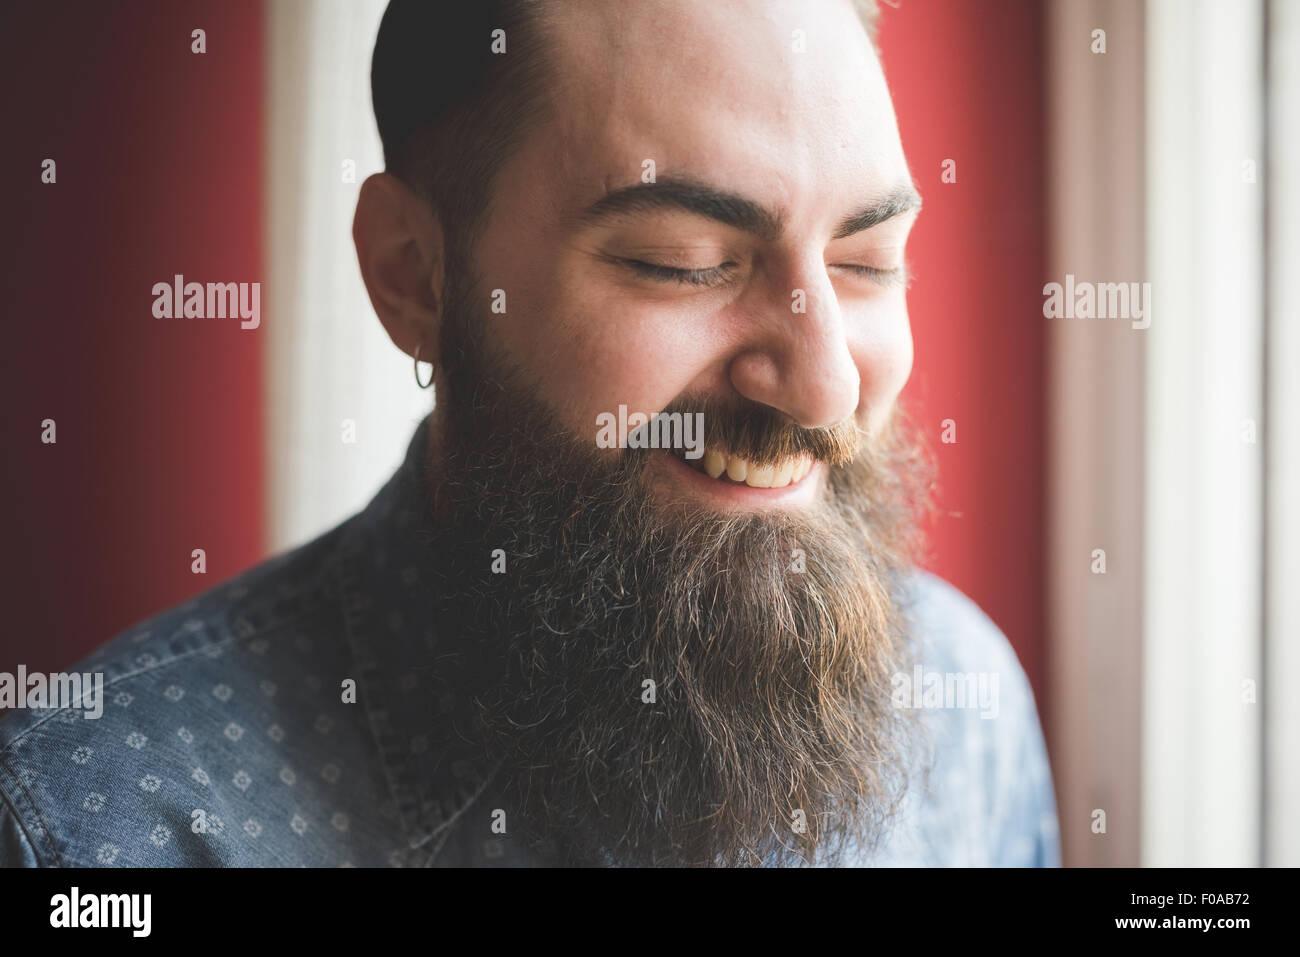 Retrato de hombre joven con barba Foto de stock